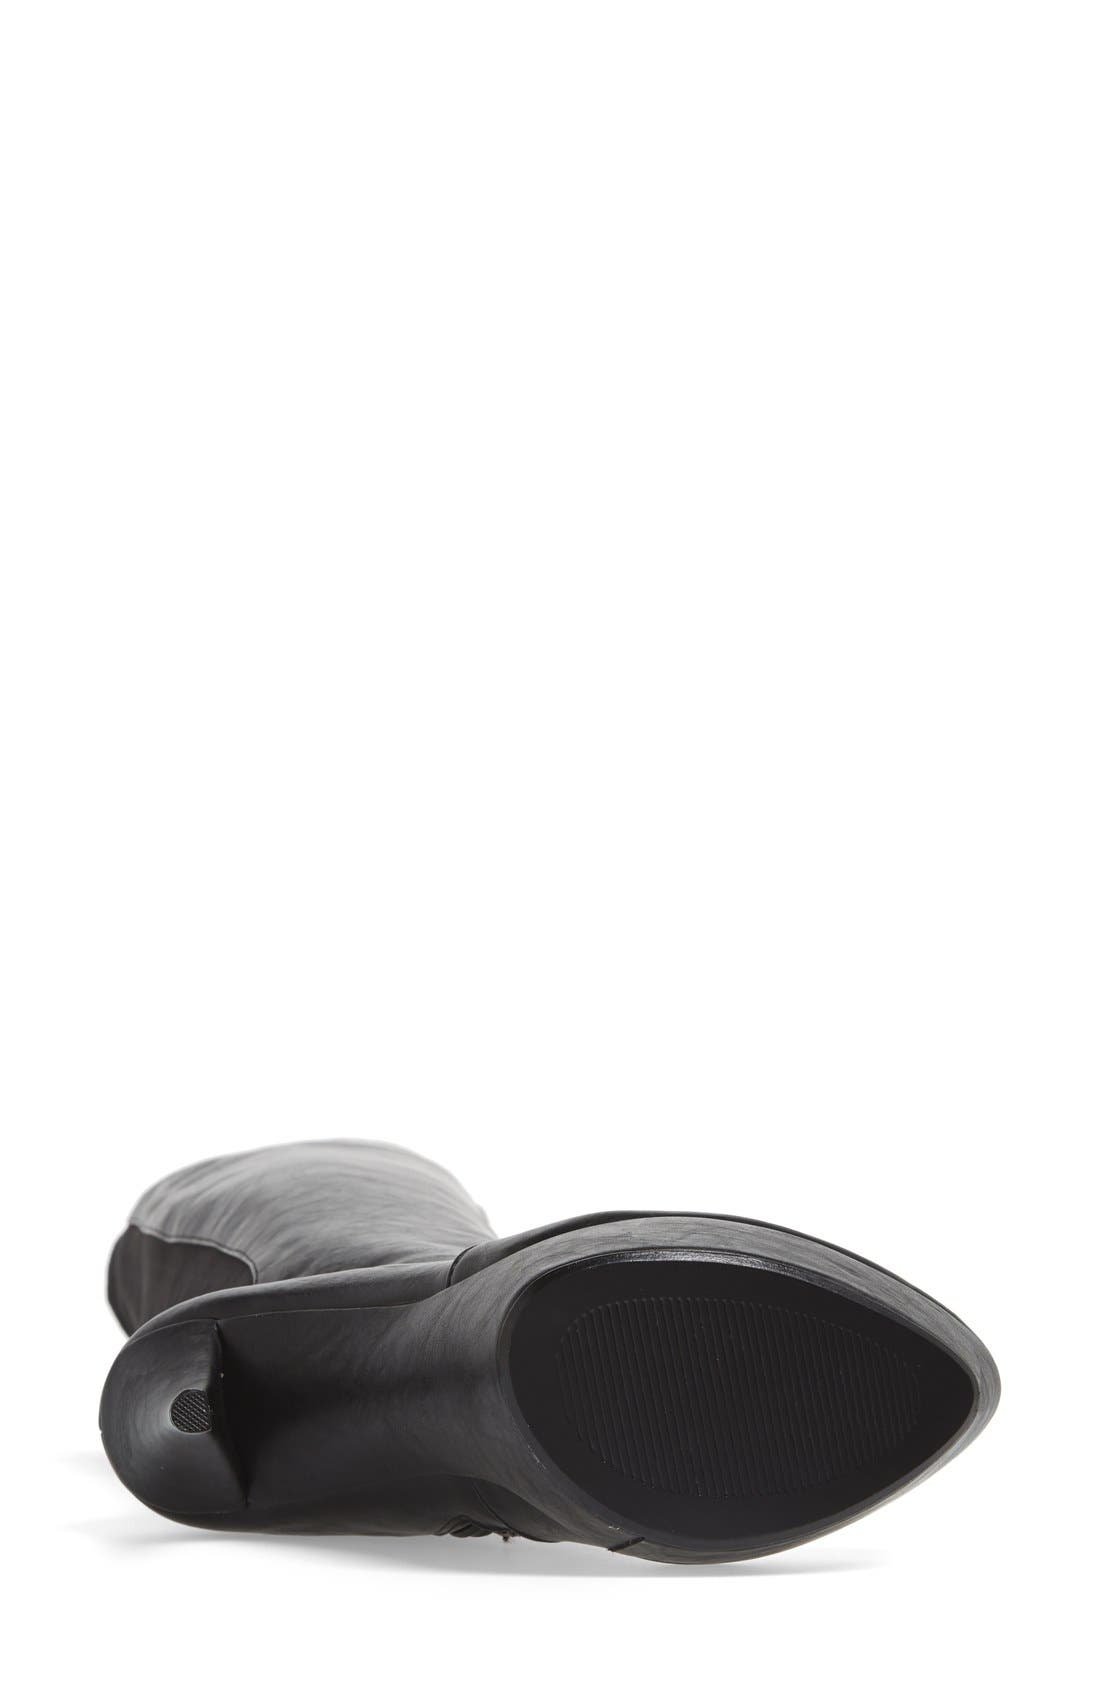 Alternate Image 4  - Steve Madden 'Animall' Platform Boot (Women)